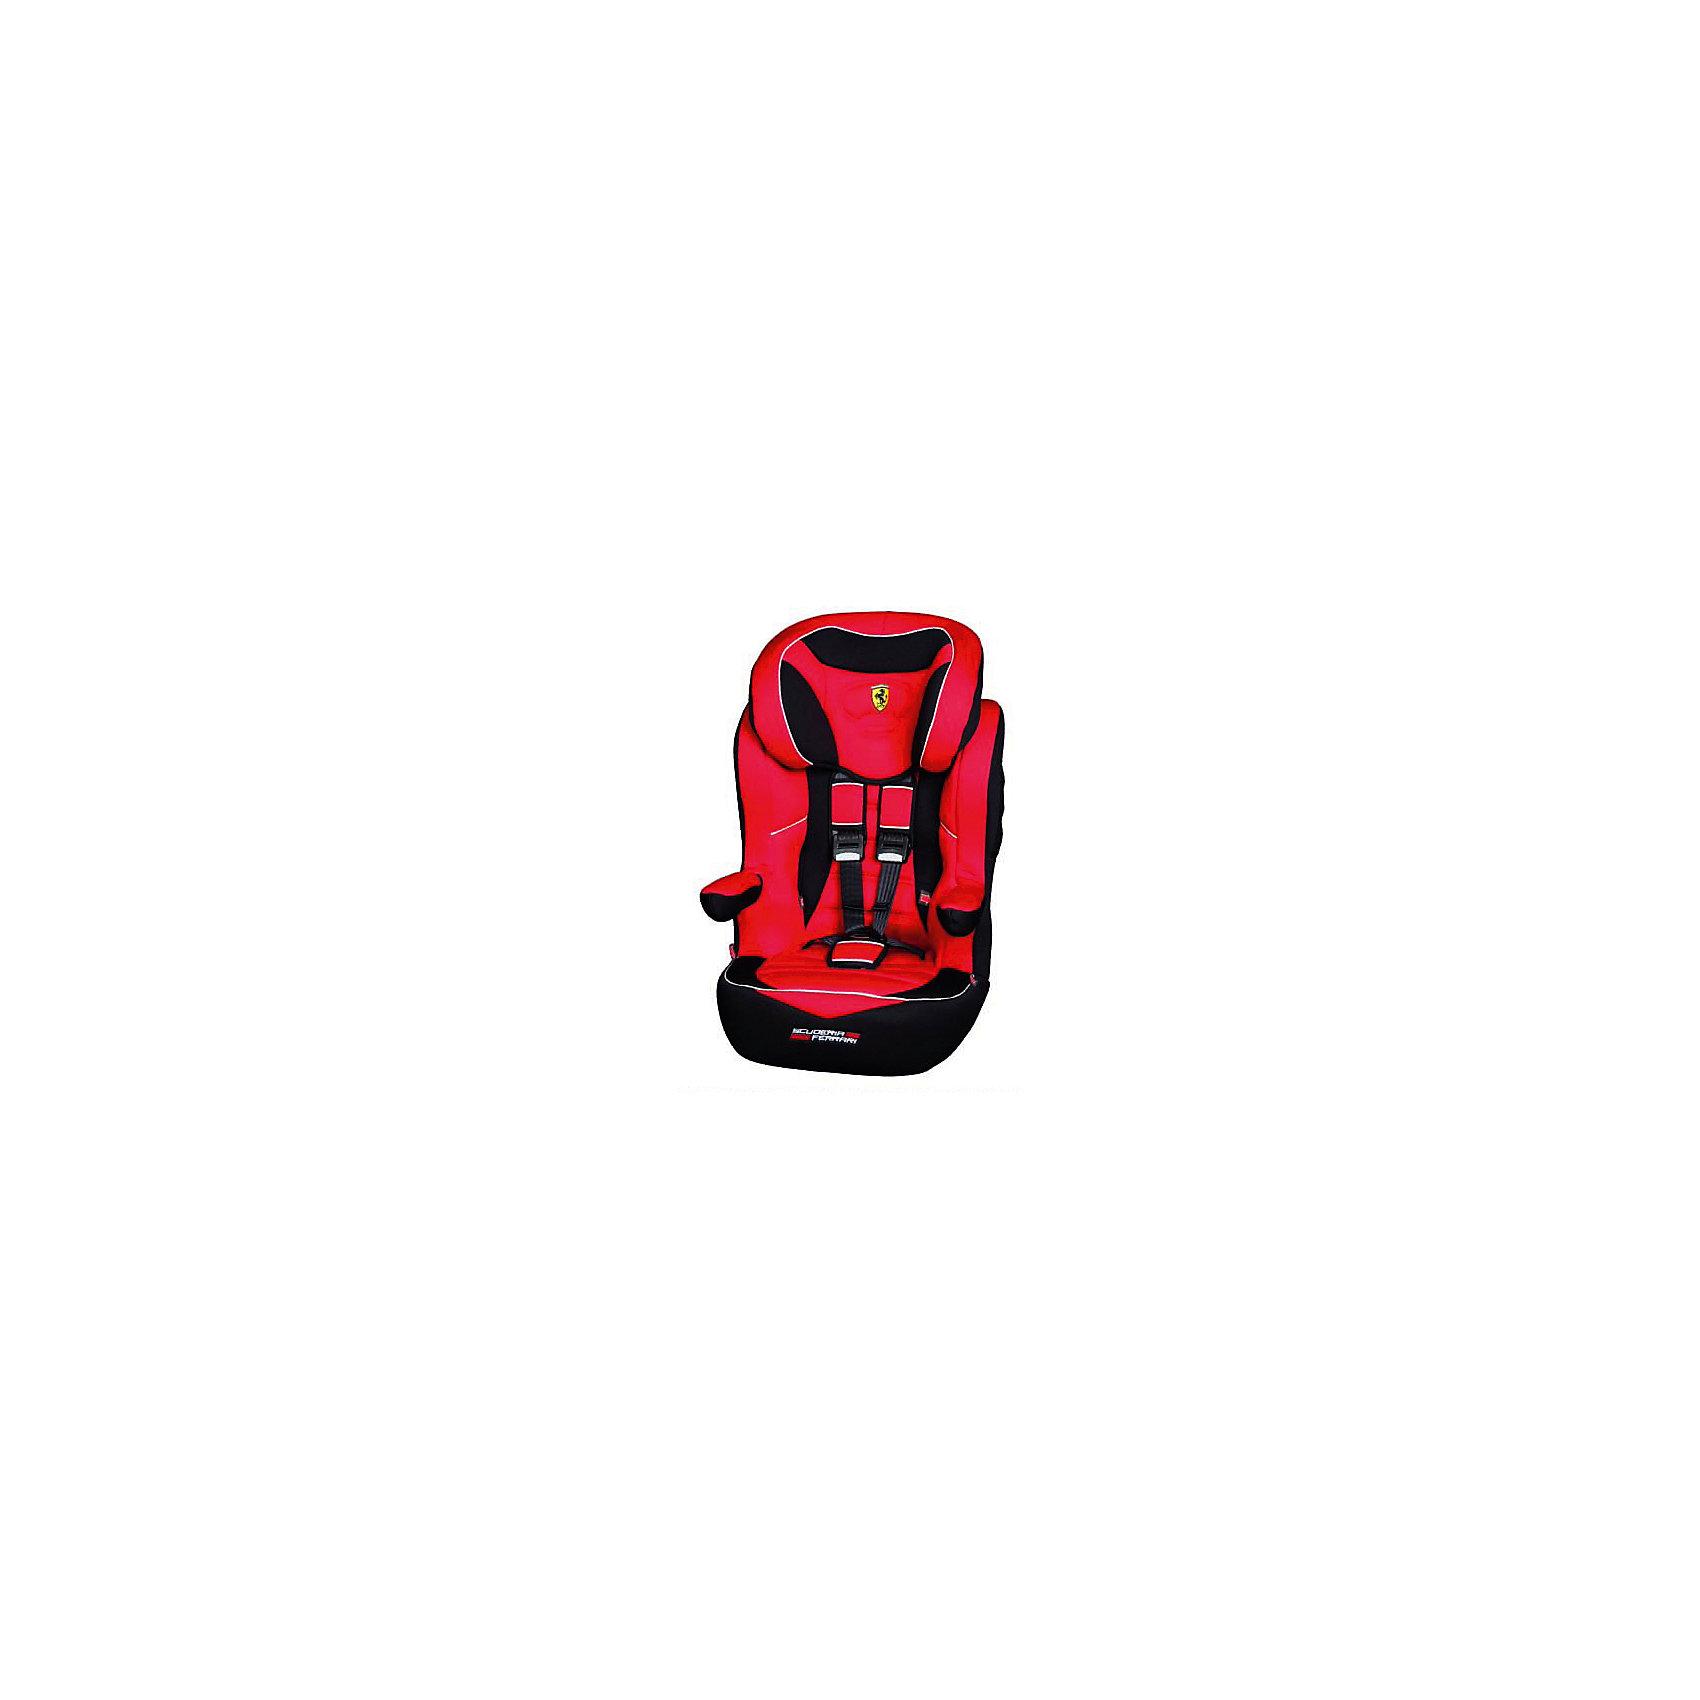 Автокресло Nania Imax SP, 9-36 кг, corsa FerrariГруппа 1-2-3 (От 9 до 36 кг)<br>Характеристики автокресла Nania Imax SP:<br><br>• группа 1-2-3;<br>• вес ребенка: 9-36 кг;<br>• возраст ребенка: от 9 месяцев до 12 лет;<br>• цельный литой корпус автокресла;<br>• способ установки: по ходу движения автомобиля;<br>• способ крепления: штатными ремнями безопасности автомобиля;<br>• 5-ти точечные ремни безопасности с мягкими накладками, регулируются по высоте (3 положения) и длине;<br>• ремни безопасности можно полностью снять, когда малыш подрастет - тогда ребенка можно будет пристегивать штатными ремнями безопасности;<br>• имеются подлокотники, которые регулируются по высоте;<br>• регулируемая высота подголовника: 6 уровней;<br>• дополнительная защита от боковых ударов, система SP (side protection);<br>• съемные чехлы, стирка при температуре 30 градусов;<br>• материал: пластик, полиэстер;<br>• стандарт безопасности: ЕСЕ R44/04.<br><br>Размер автокресла: 45x45x72/88 см<br>Размер сиденья: 32х40 см<br>Высота спинки: 64-75 см<br>Вес автокресла: 4,7 кг<br><br>Автокресло Imax SP, 9-36 кг., Nania, corsa Ferrari можно купить в нашем интернет-магазине.<br><br>Ширина мм: 450<br>Глубина мм: 450<br>Высота мм: 880<br>Вес г: 4700<br>Возраст от месяцев: 12<br>Возраст до месяцев: 144<br>Пол: Мужской<br>Возраст: Детский<br>SKU: 5350606